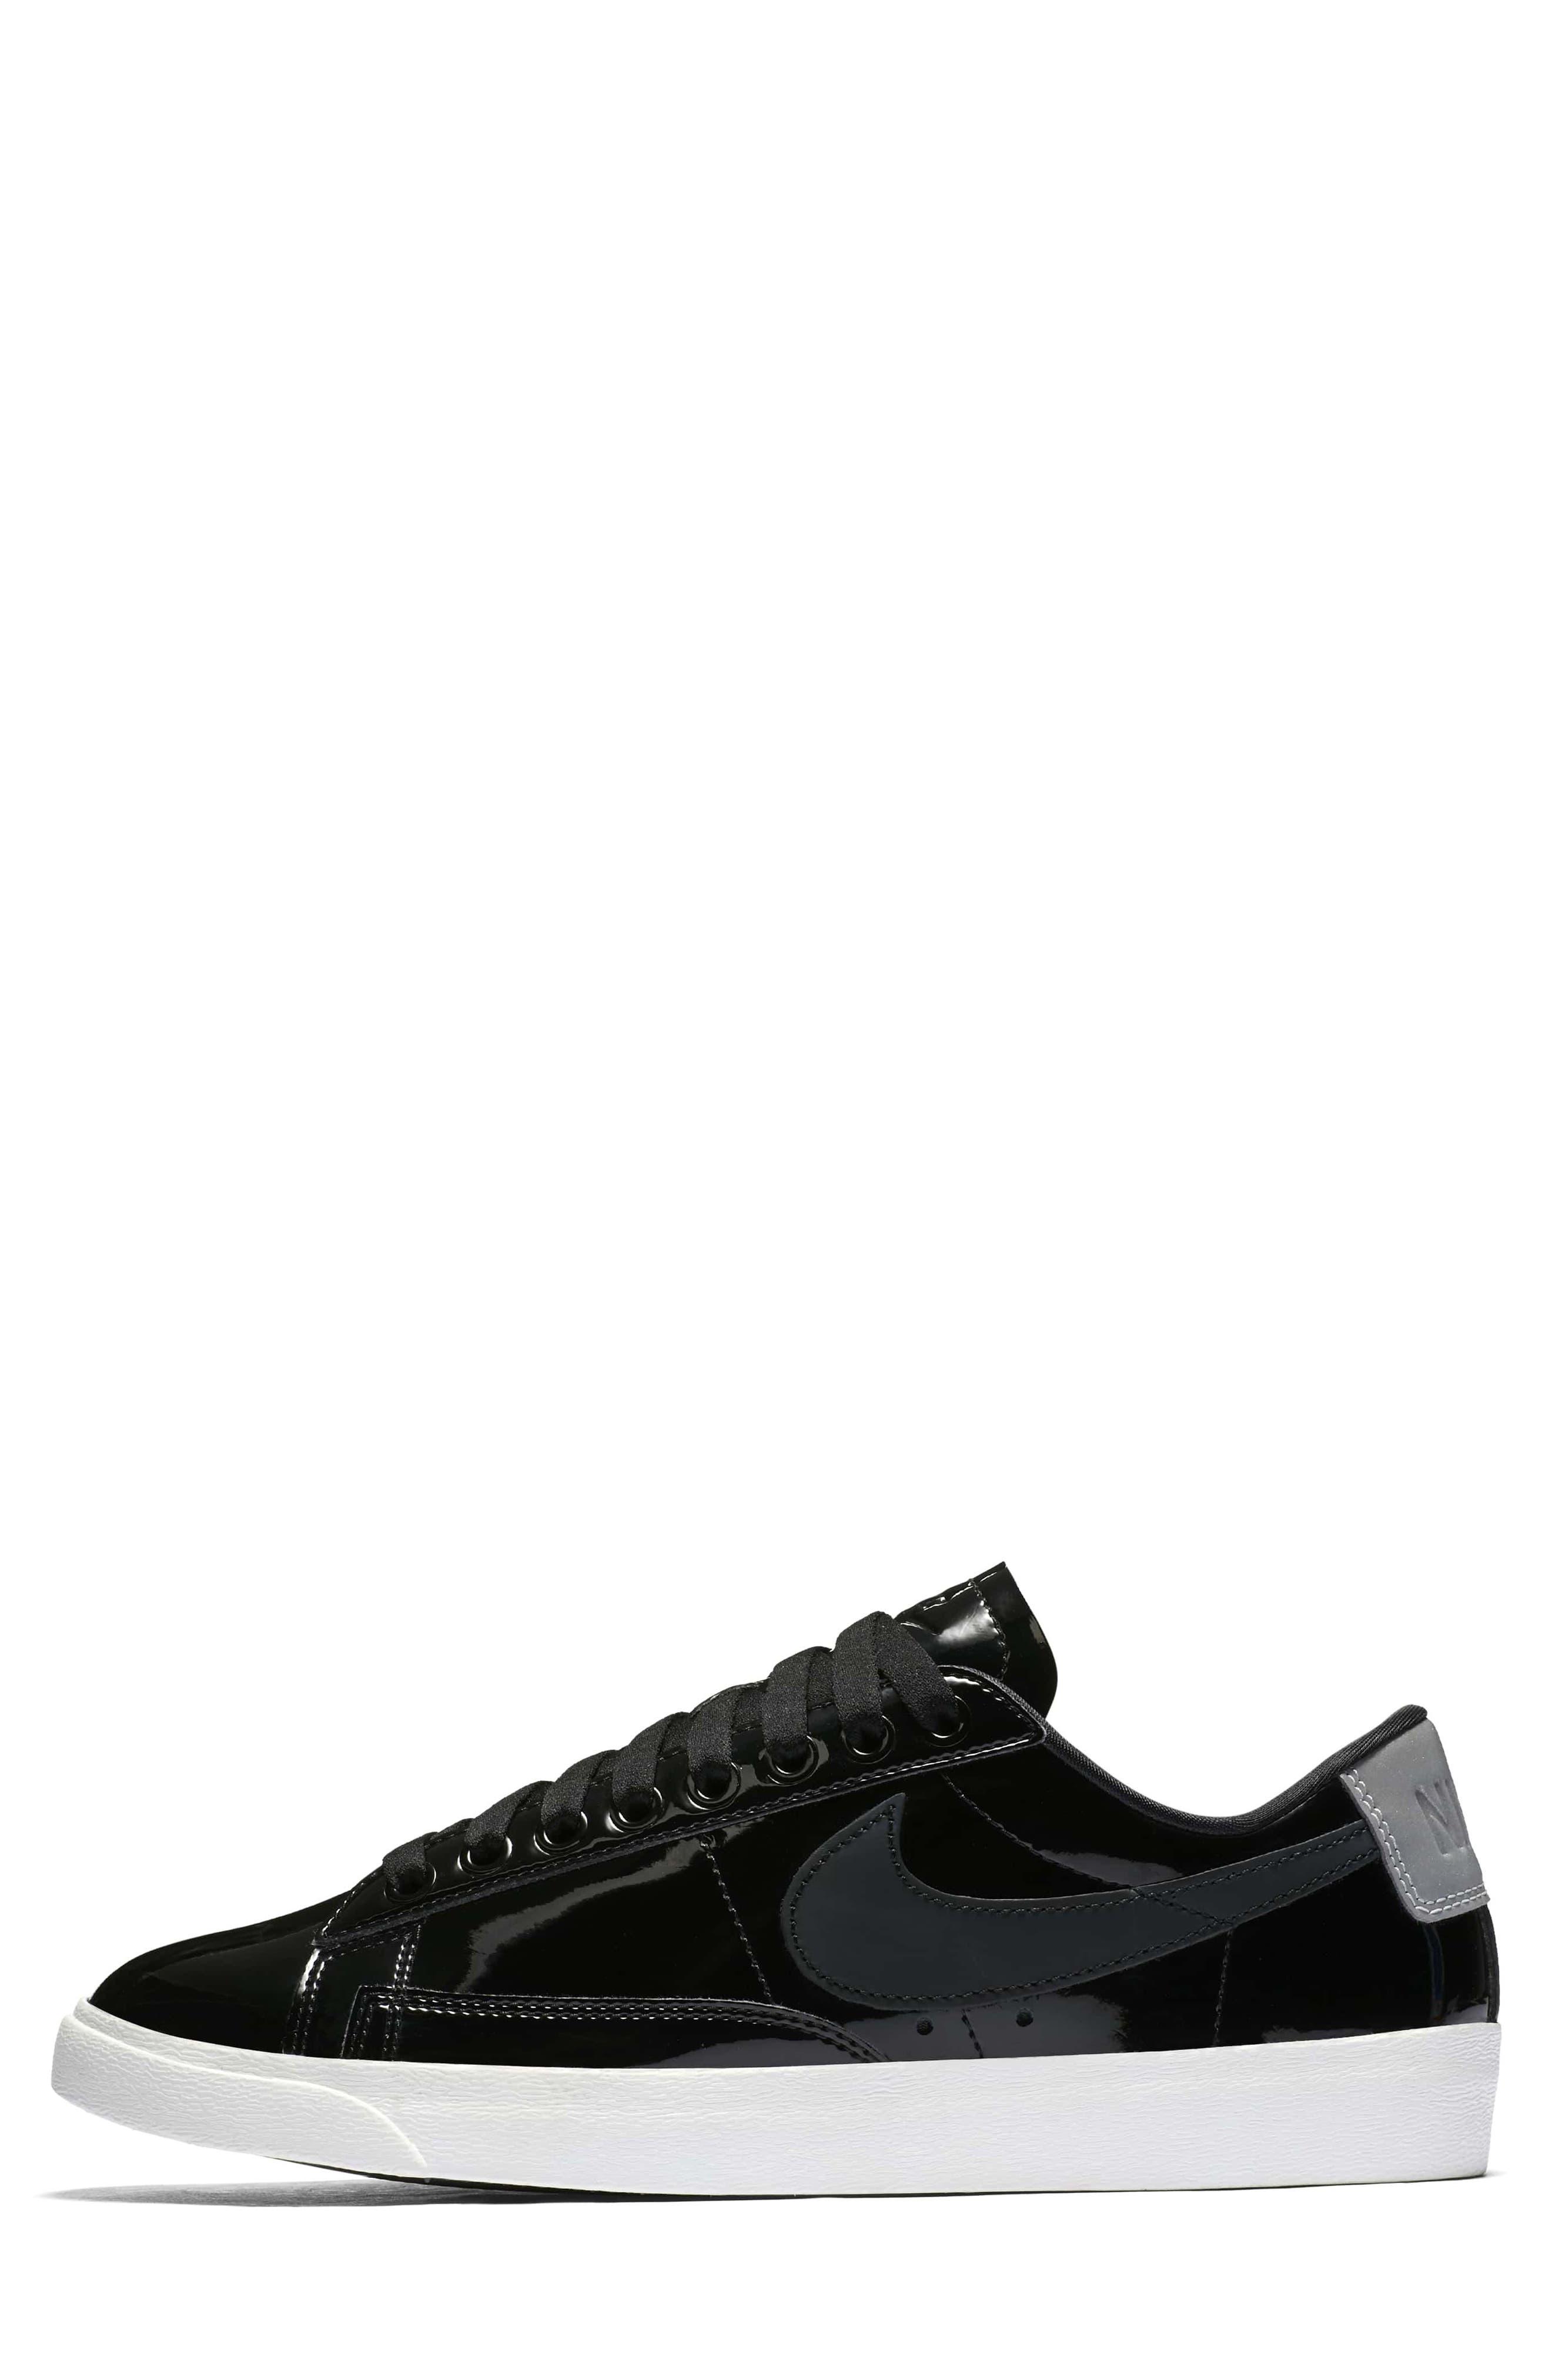 Blazer Low Top Sneaker SE,                             Alternate thumbnail 2, color,                             Black/ Black Reflect Silver